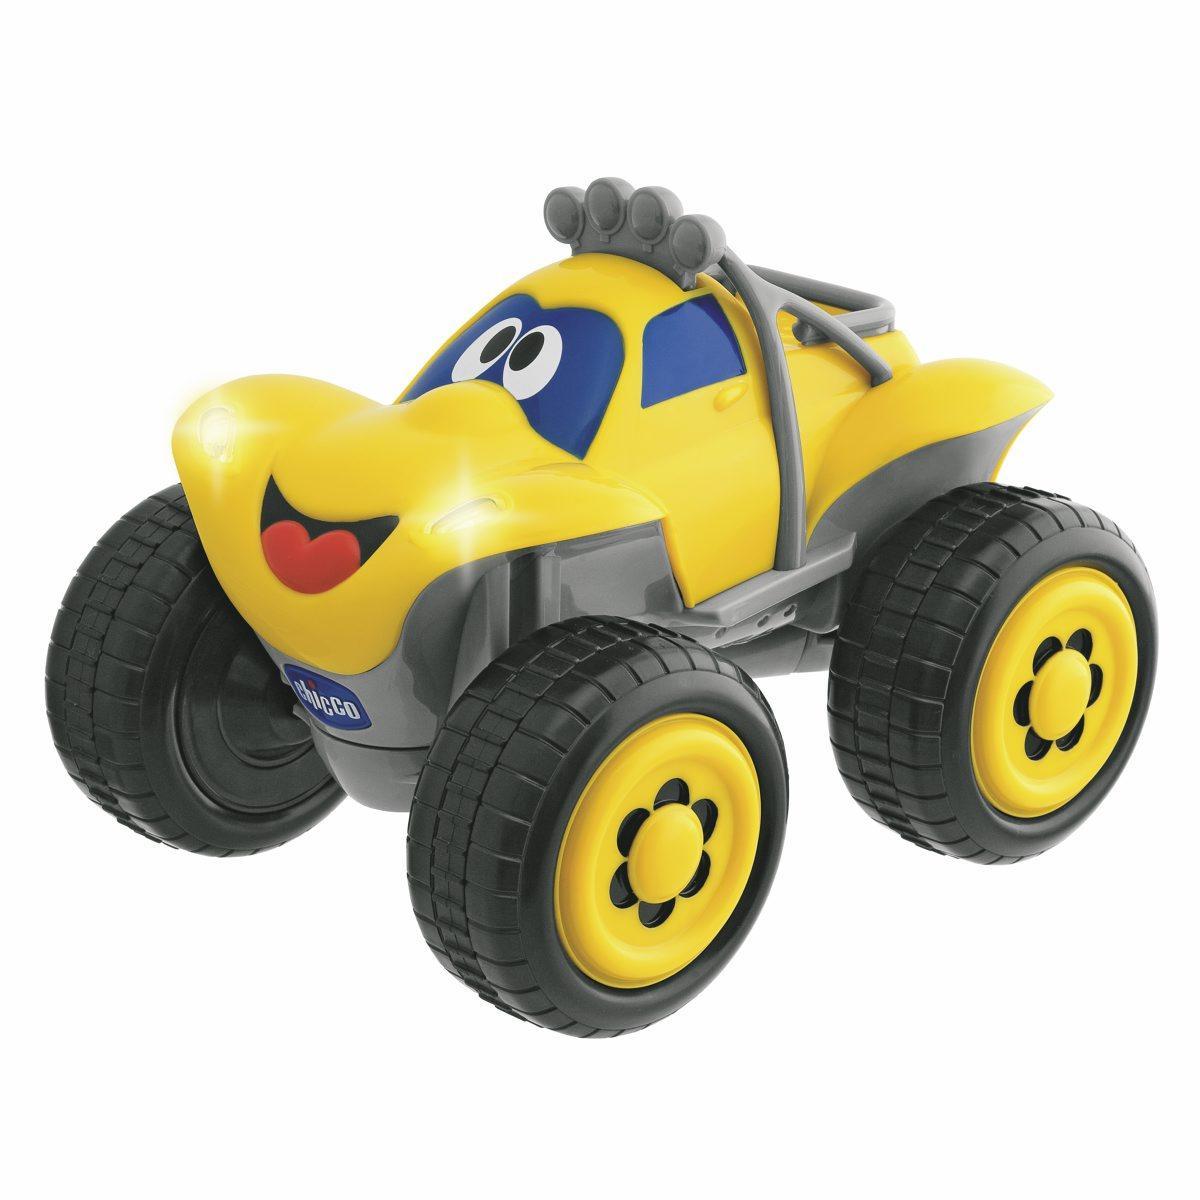 """Машинка """"Билли-большие колеса"""" (желтая) от Ravta"""